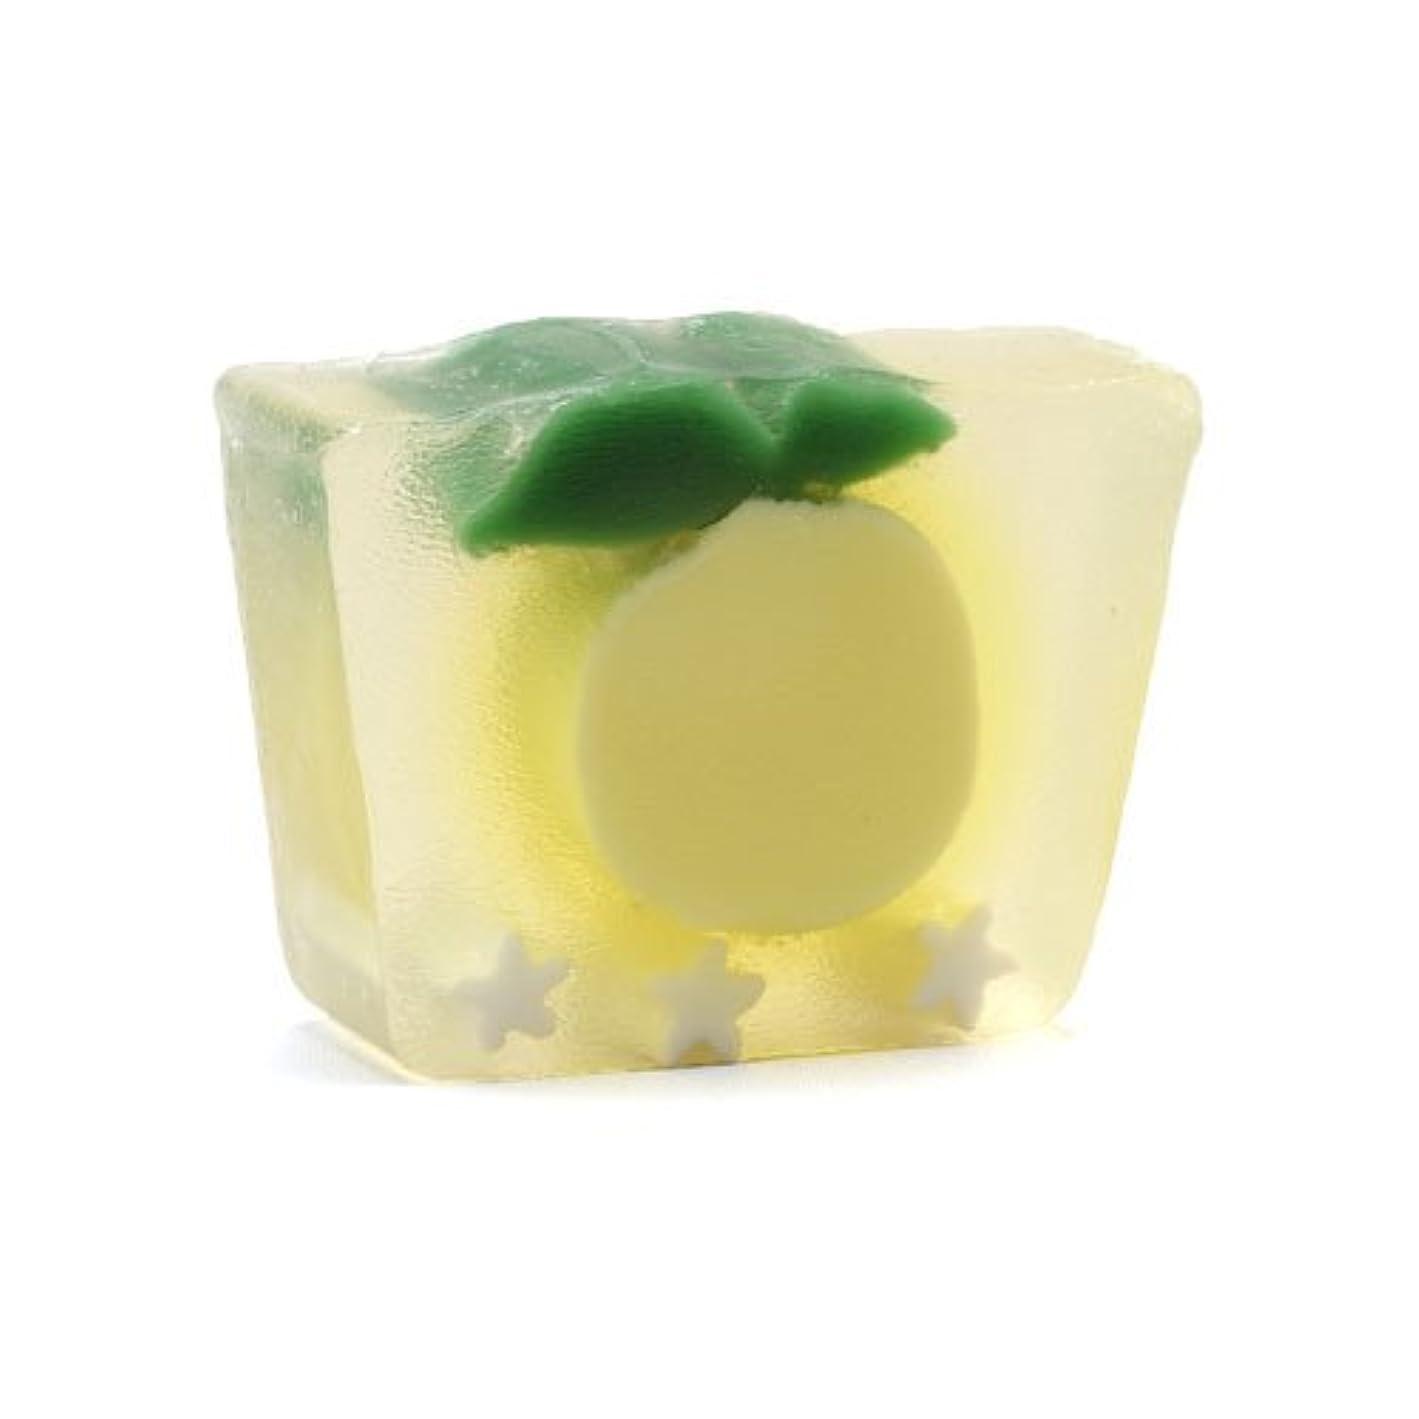 些細な幻想的謎めいたプライモールエレメンツ アロマティック ミニソープ カリフォルニアレモン 80g 植物性 ナチュラル 石鹸 無添加